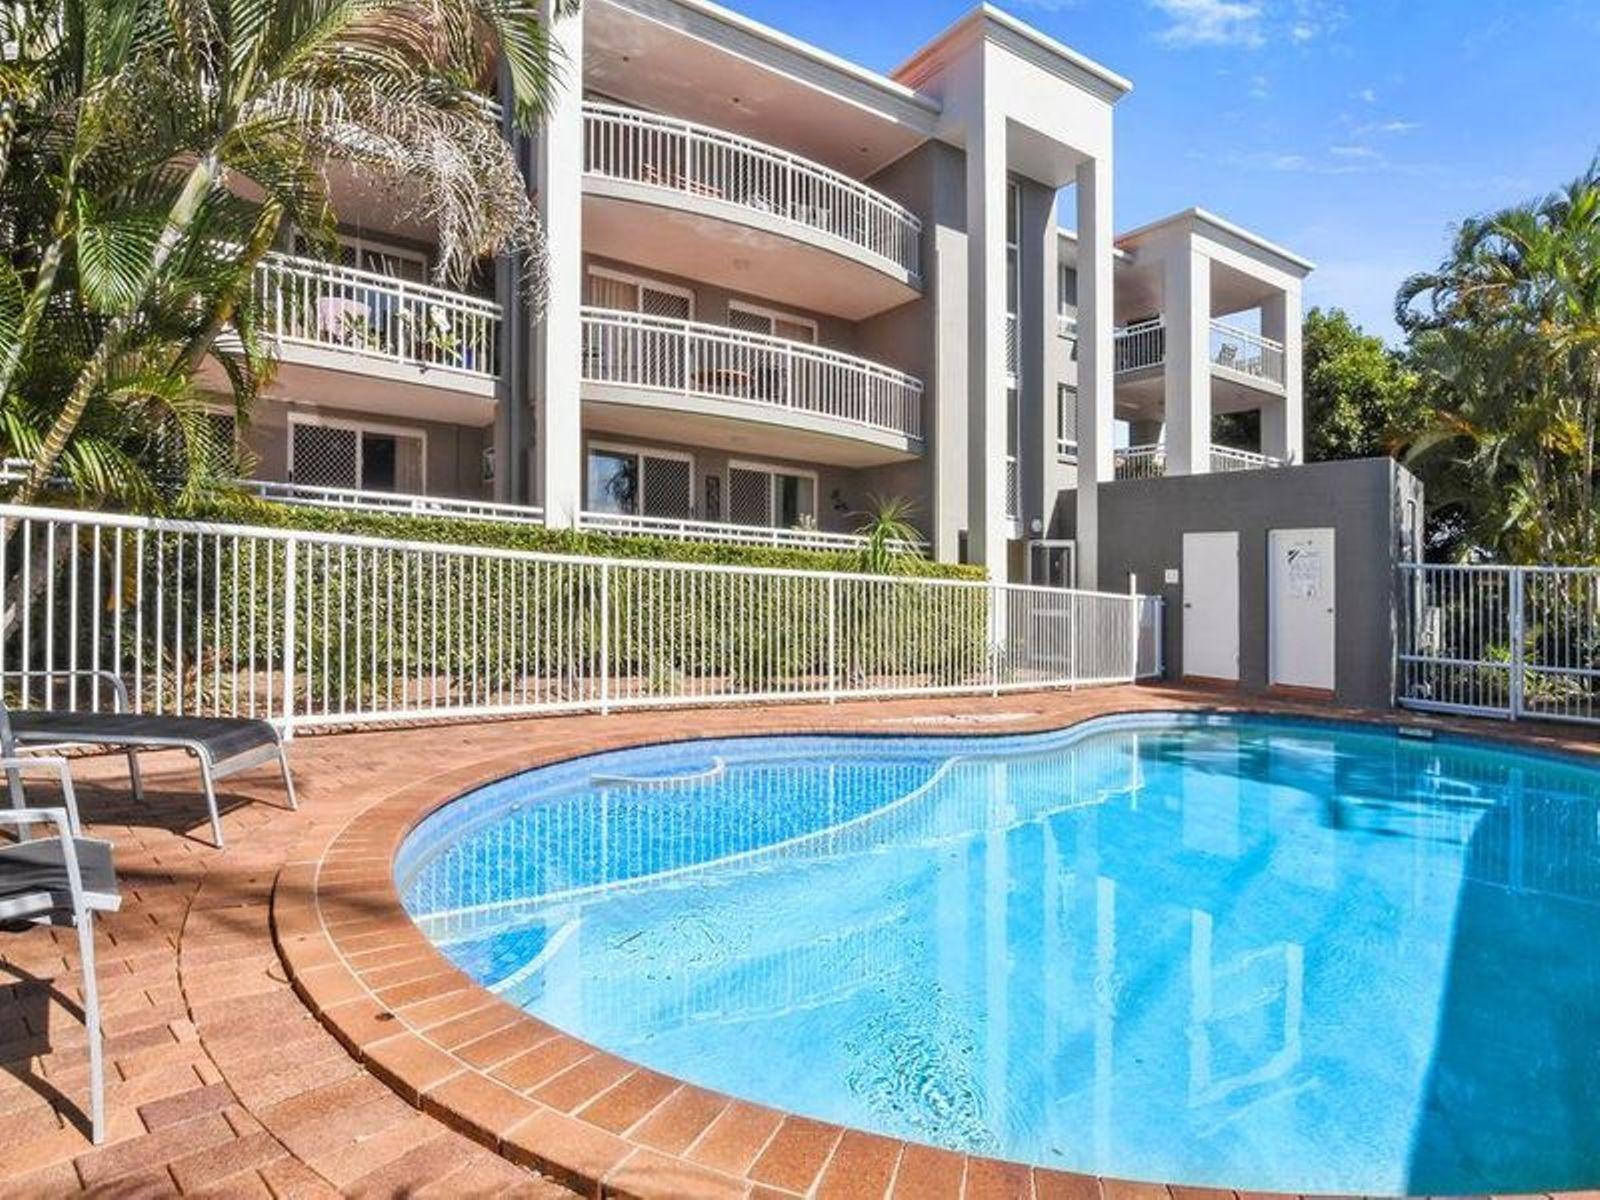 11/30 Dalpura Street, Surfers Paradise, QLD 4217